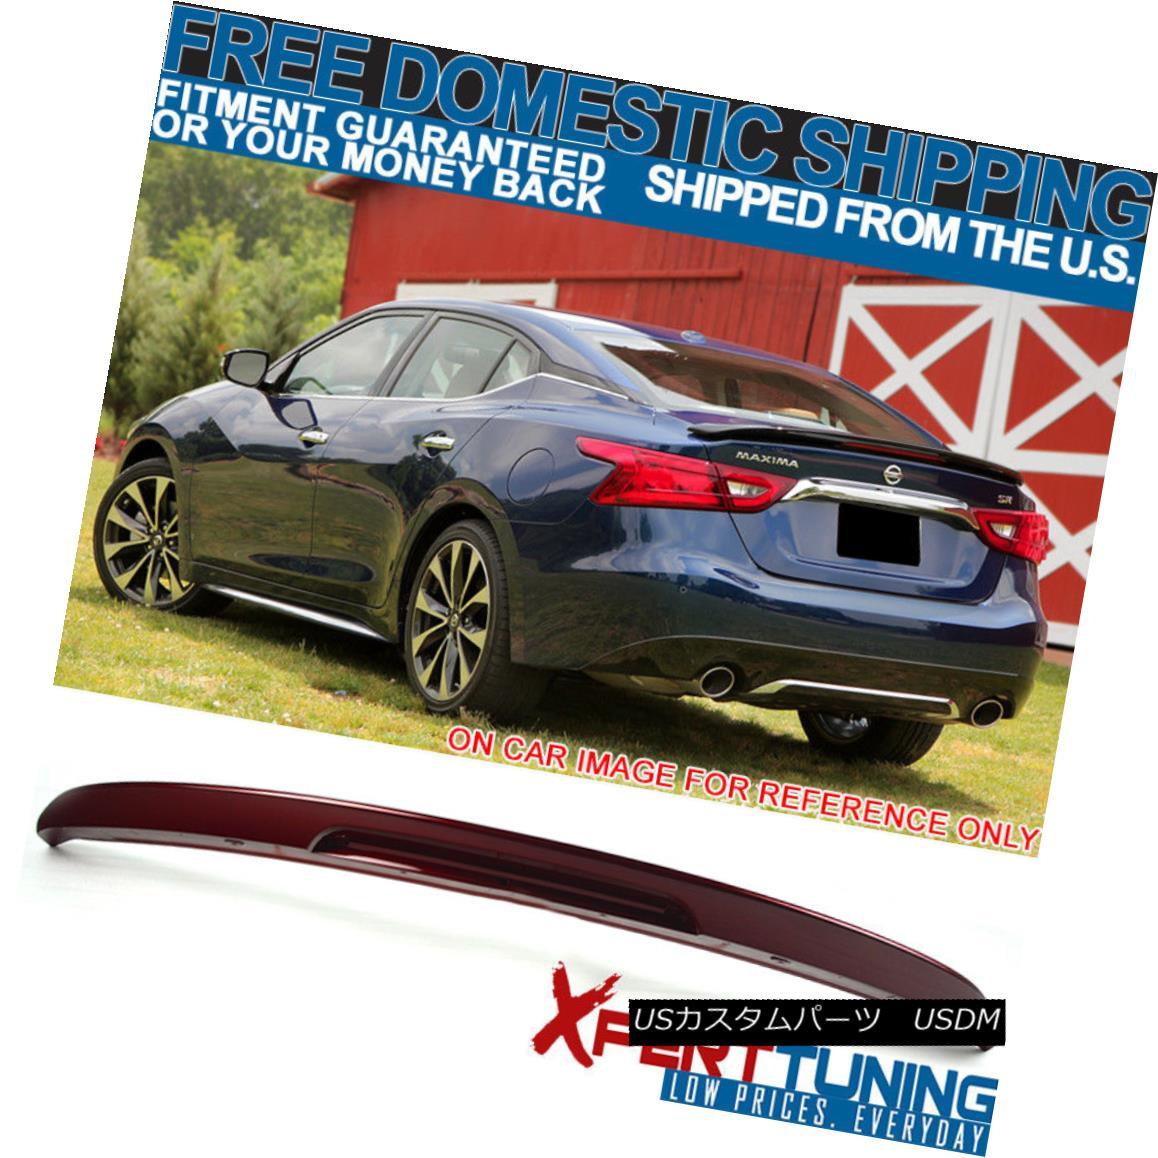 エアロパーツ Fits 16-18 Maxima OE2 Style Trunk Spoiler Painted Coulis Red #NAW - ABS フィット16-18マキシマOE2スタイルトランクスポイラー塗装Coulis赤#NAW - ABS